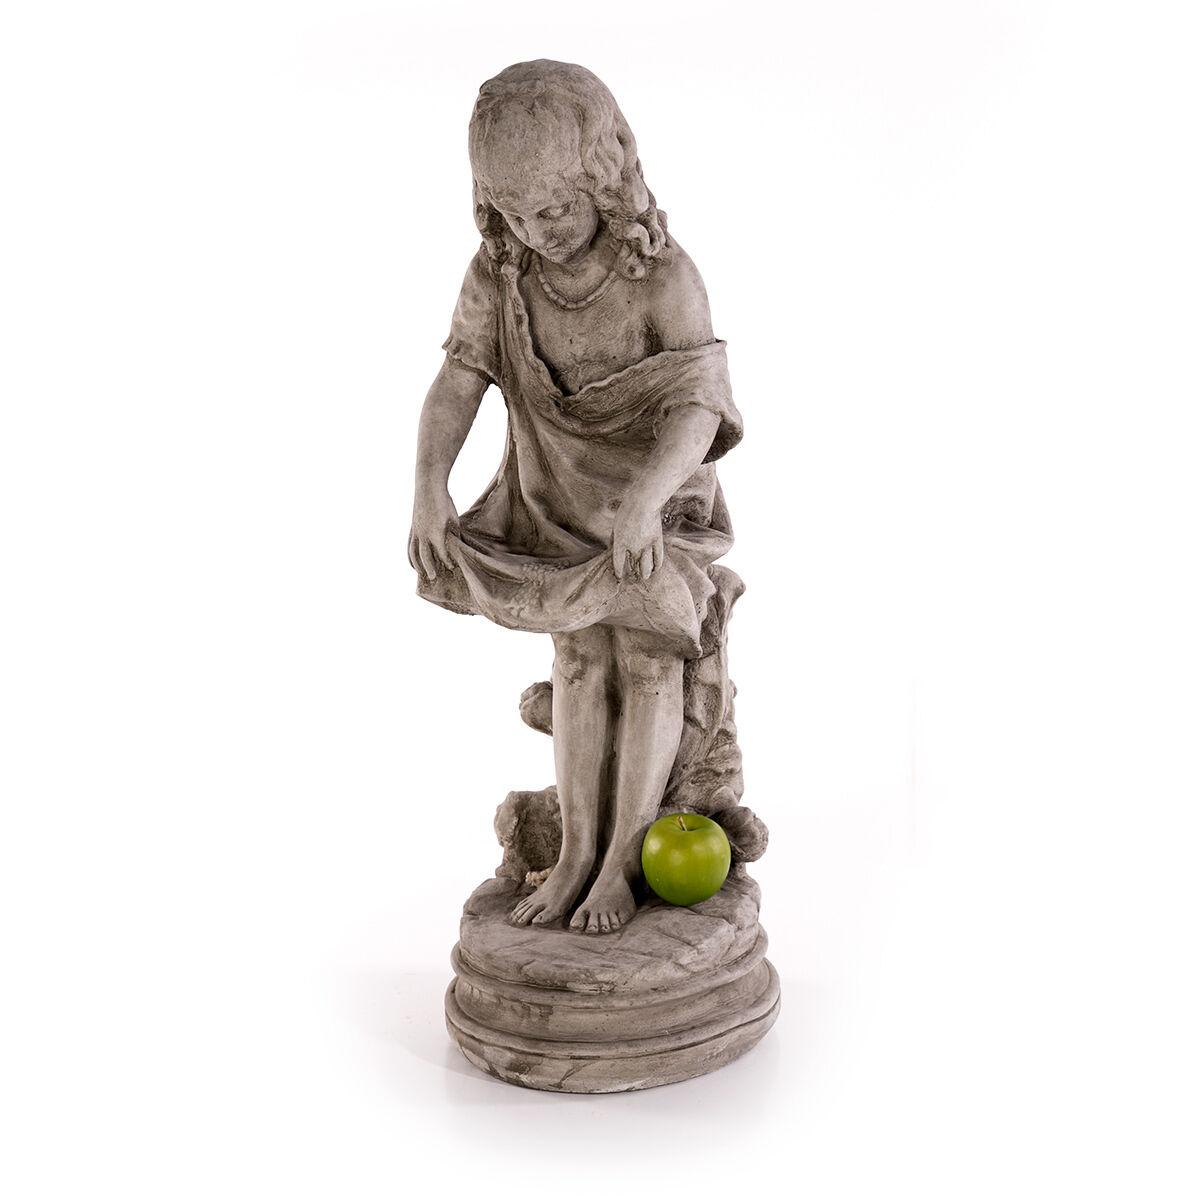 Ragazze Giardino Figure SCULTURE PIETRA Personaggi Sabbia Pietra figure statua 632812